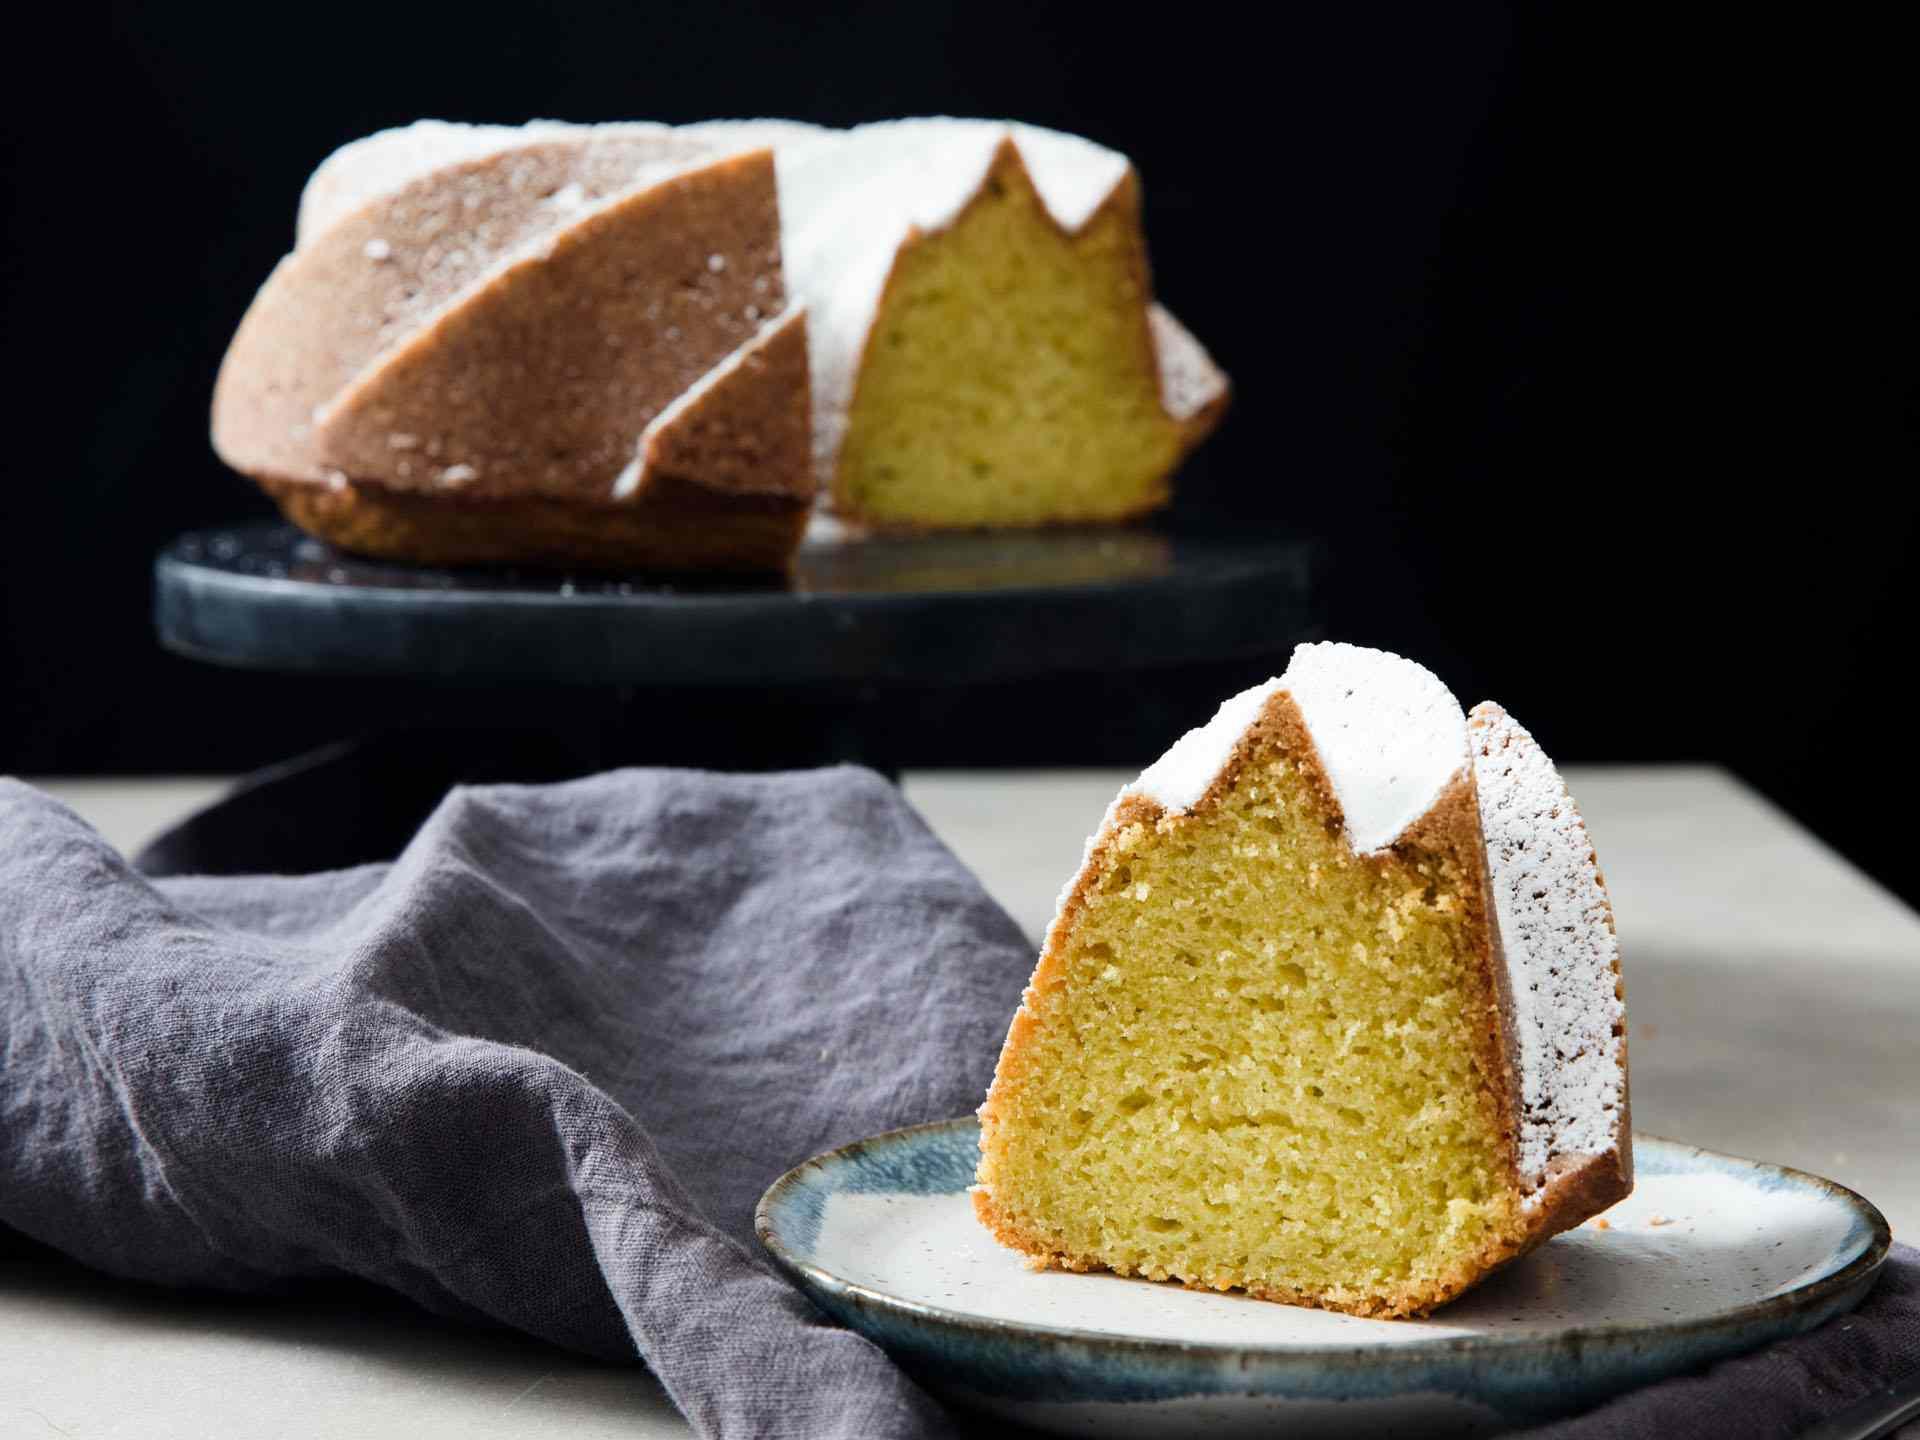 20190227-bundt-cakes-vicky-wasik-4